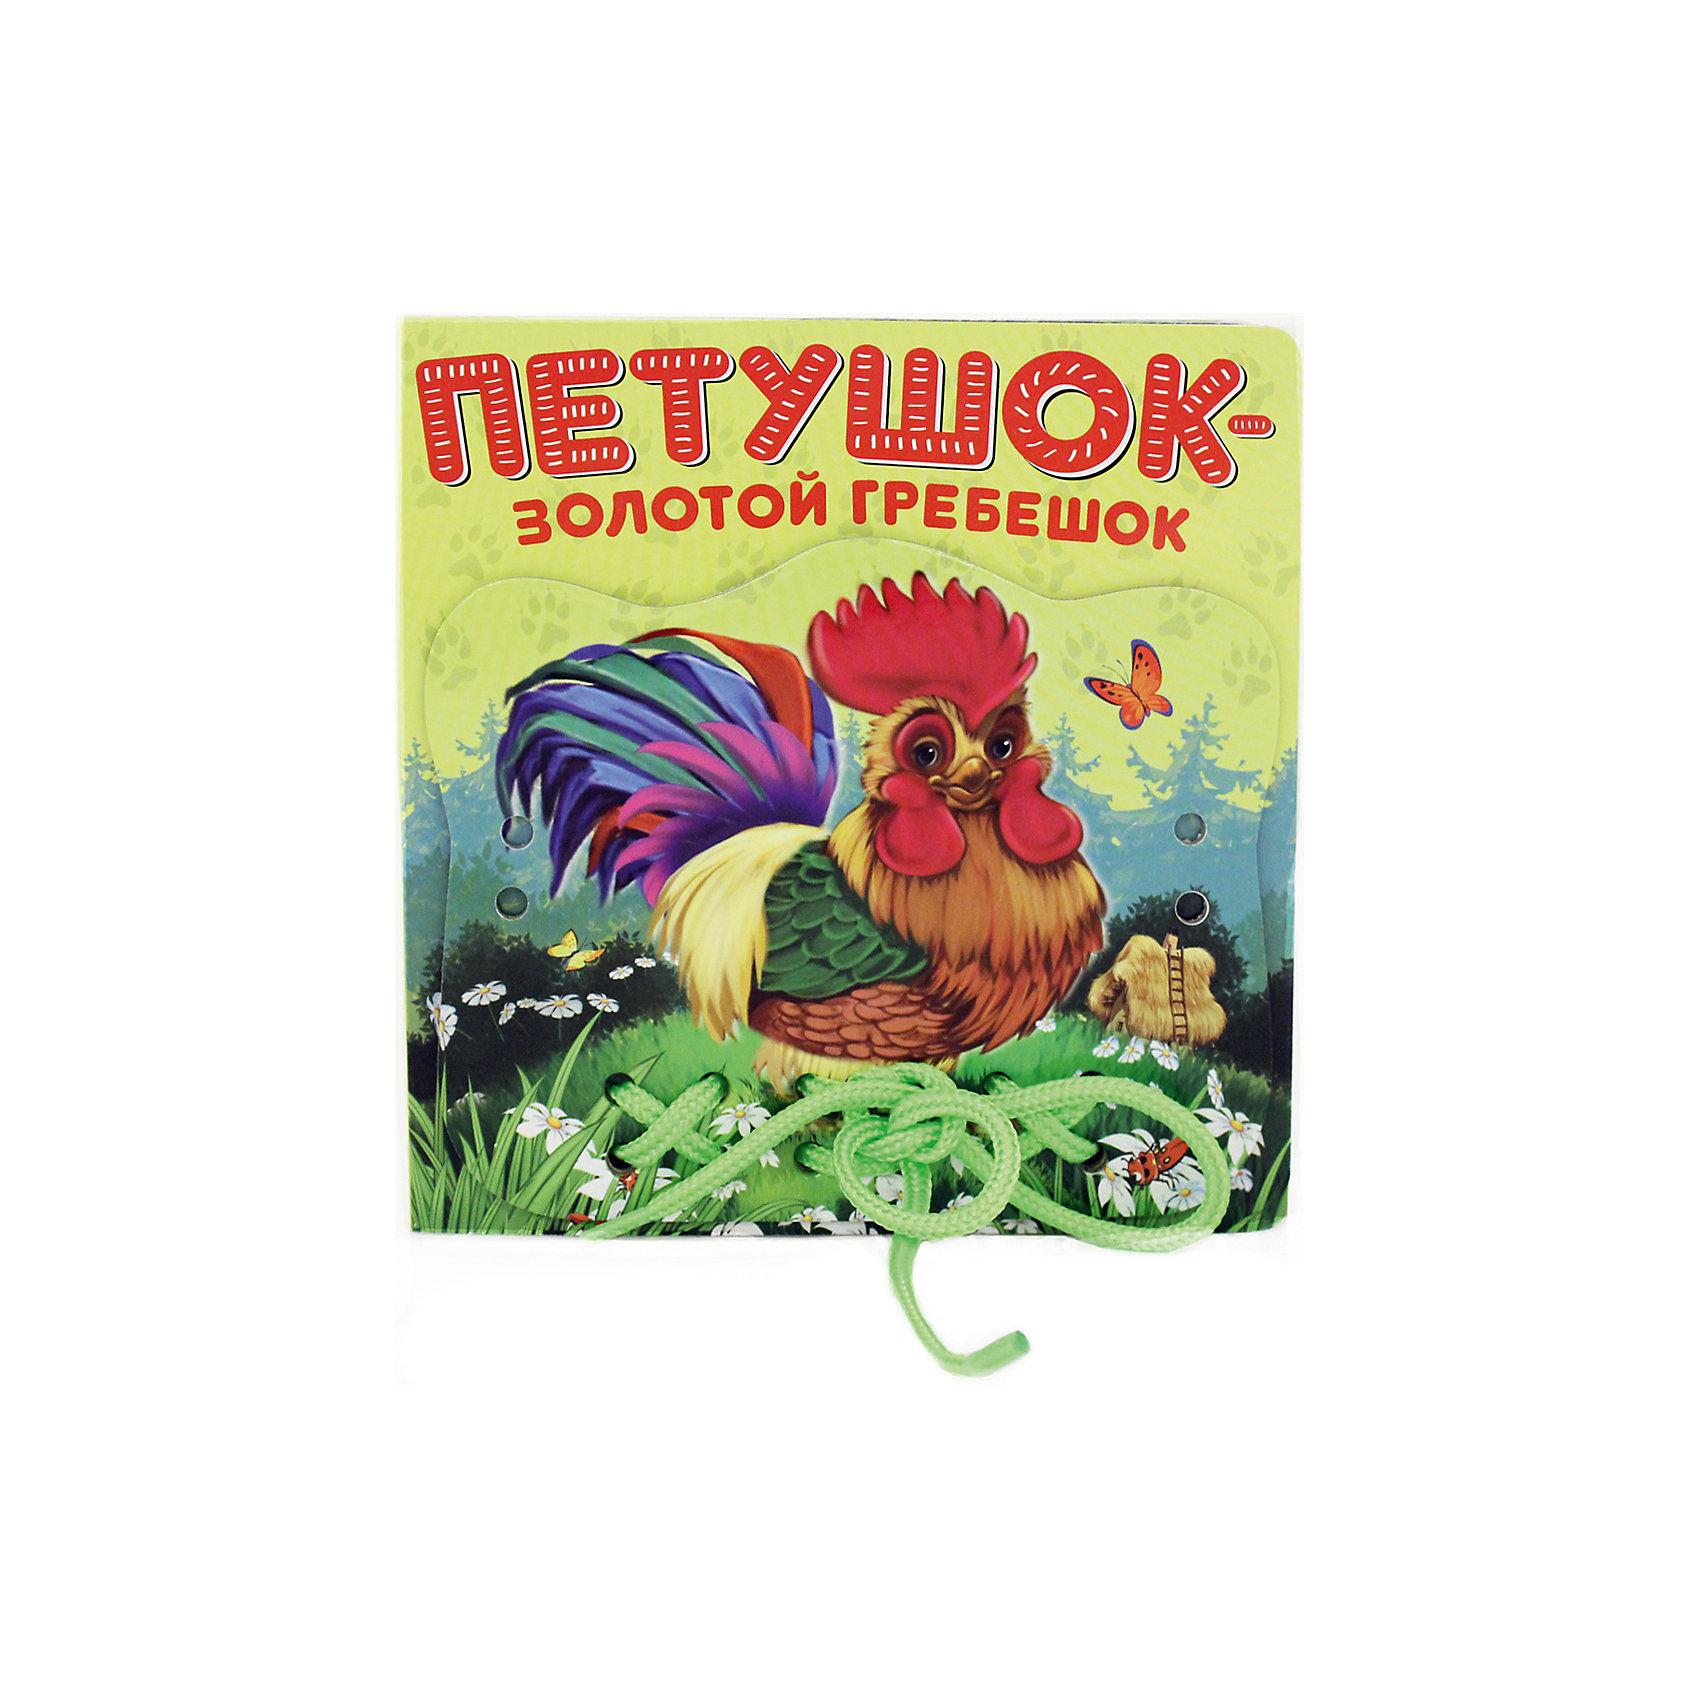 Книга-игрушка Петушок - Золотой гребешокЭта прекрасная книжка таит в себе целых два сюрприза: сказку в классической обработке, и красочную игрушку-шнуровку, с которой ваш малыш может заниматься, когда подрастет. Соберите все книги этой серии и украсьте уголок вашего малыша волшебной гирляндой.<br><br>Дополнительная информация:<br><br>- Материал: картон, текстиль.<br>- Формат: 18,5х18,5 см.<br>- Переплет: картон.<br>- Иллюстрации: цветные.<br>- Количество страниц:10<br>- Автор: русская народная сказка.<br><br>Книгу-игрушку Петушок - Золотой гребешок можно купить в нашем магазине.<br><br>Ширина мм: 185<br>Глубина мм: 185<br>Высота мм: 10<br>Вес г: 176<br>Возраст от месяцев: 0<br>Возраст до месяцев: 36<br>Пол: Унисекс<br>Возраст: Детский<br>SKU: 4047751